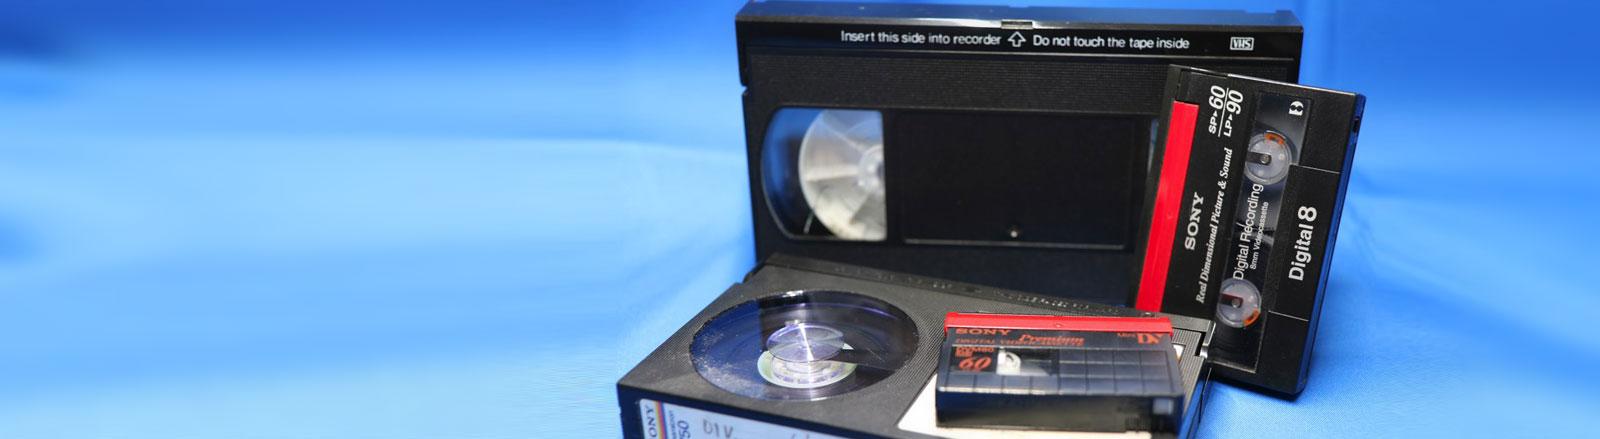 mg electronic filmdigitalisierung digitalisierung von vhs kassetten super 8 urlaubsfilme. Black Bedroom Furniture Sets. Home Design Ideas